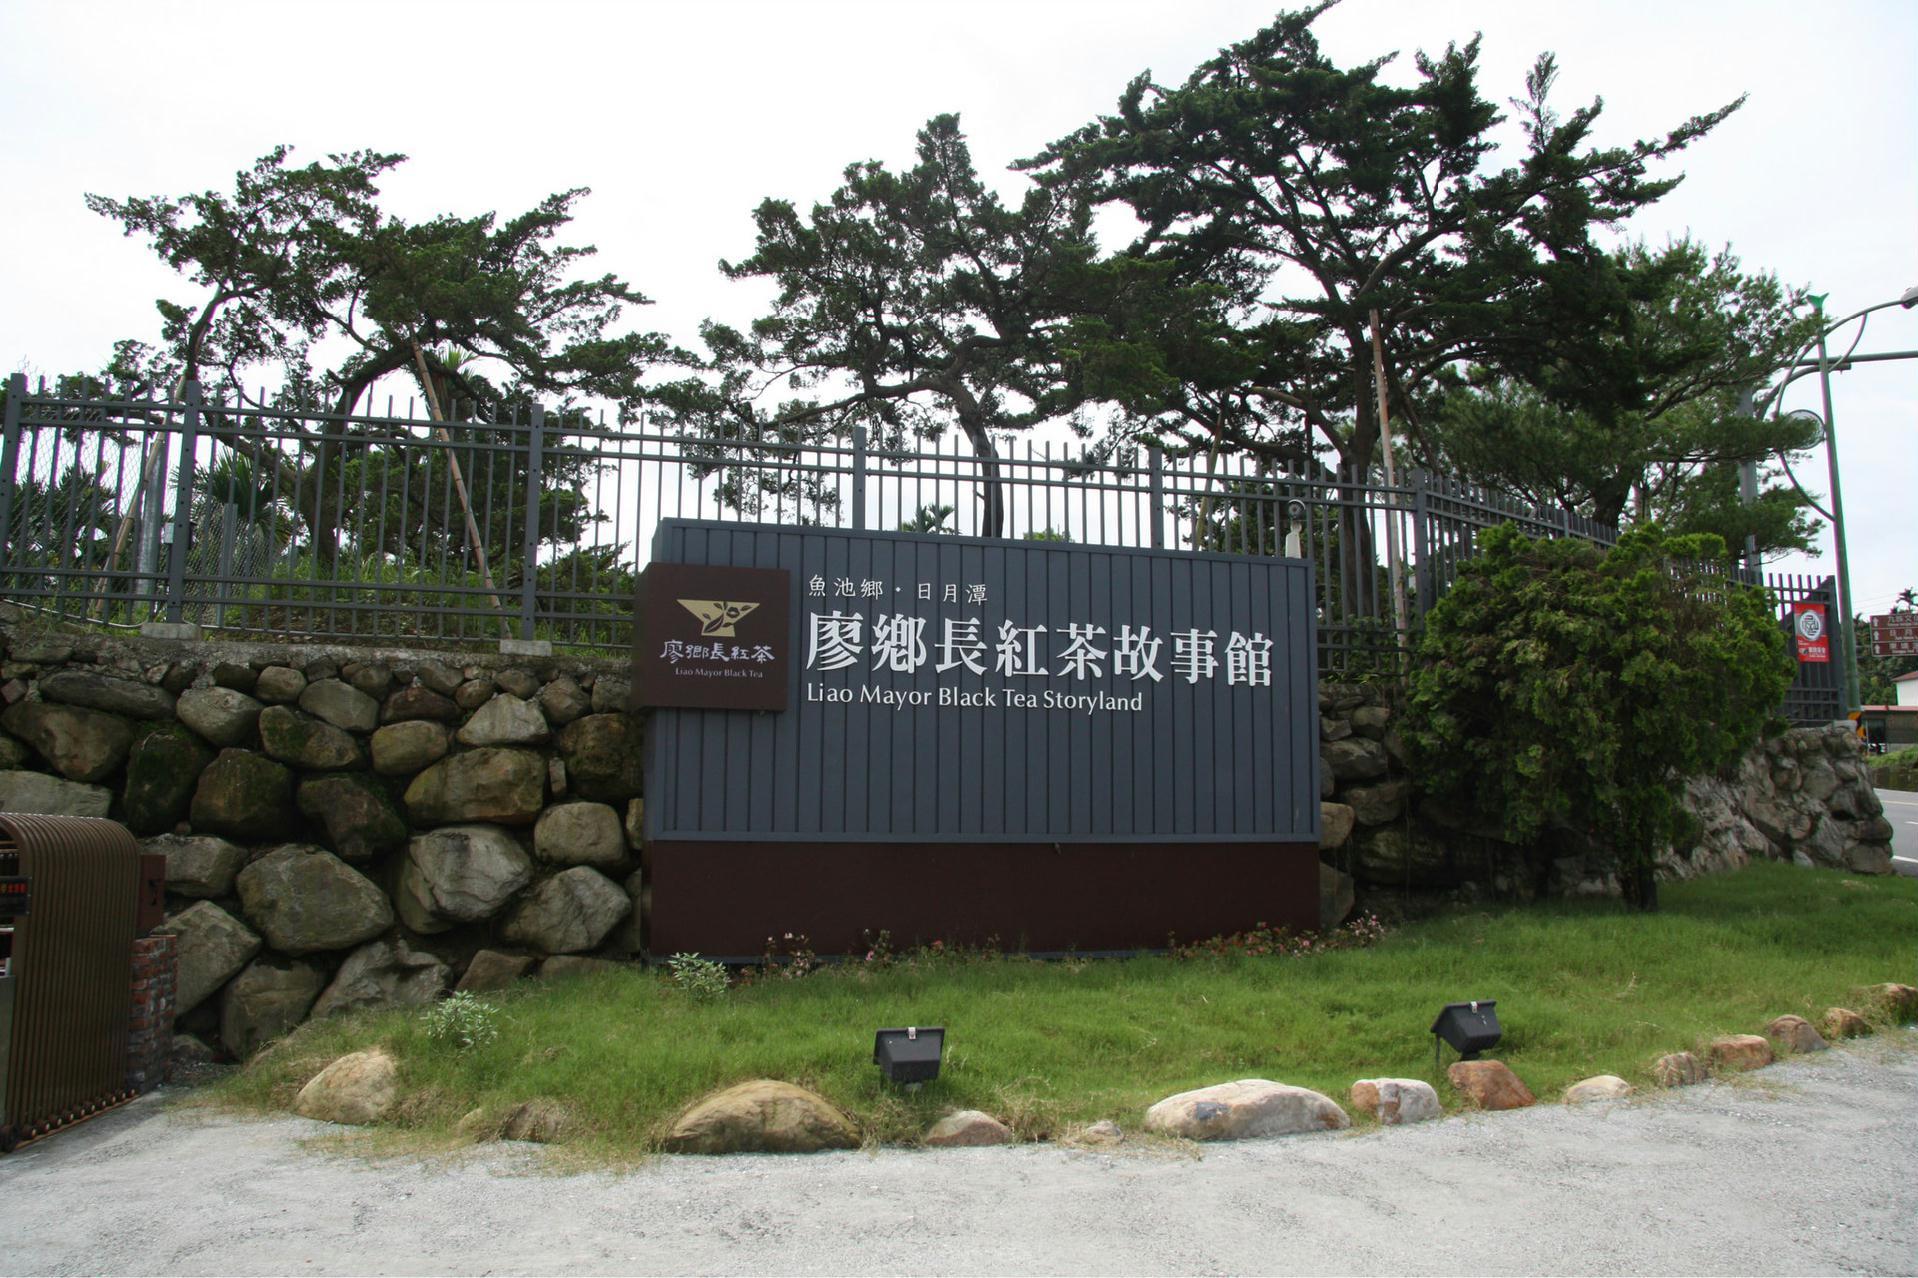 廖乡长红茶馆